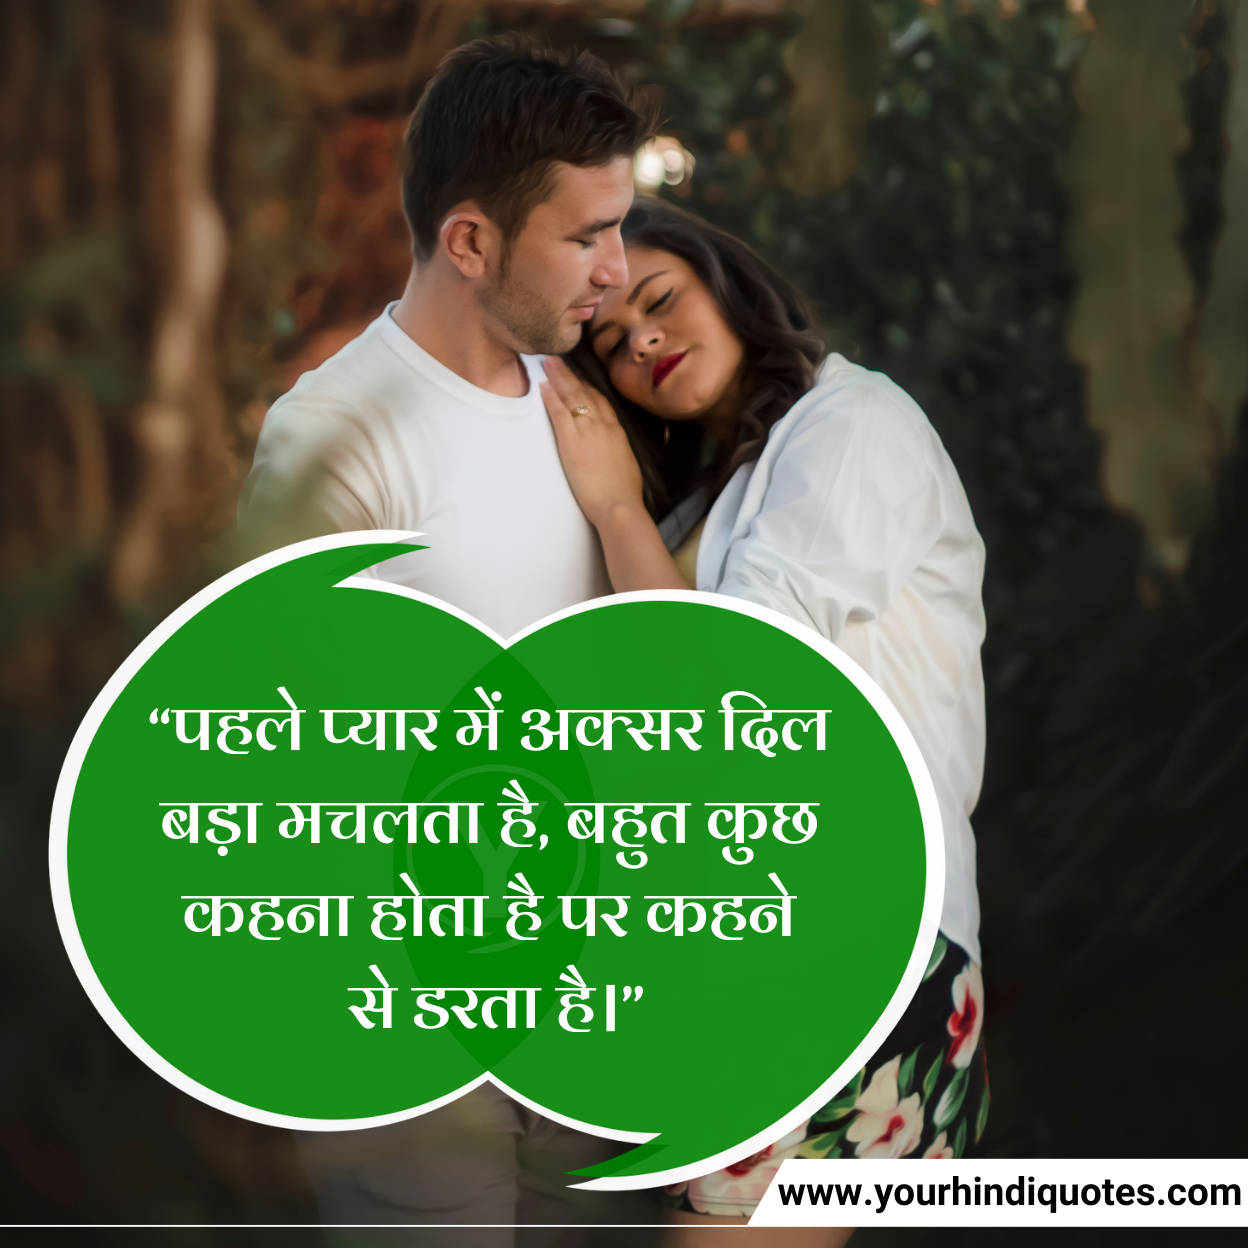 Best Pyar Ki Shayari Images